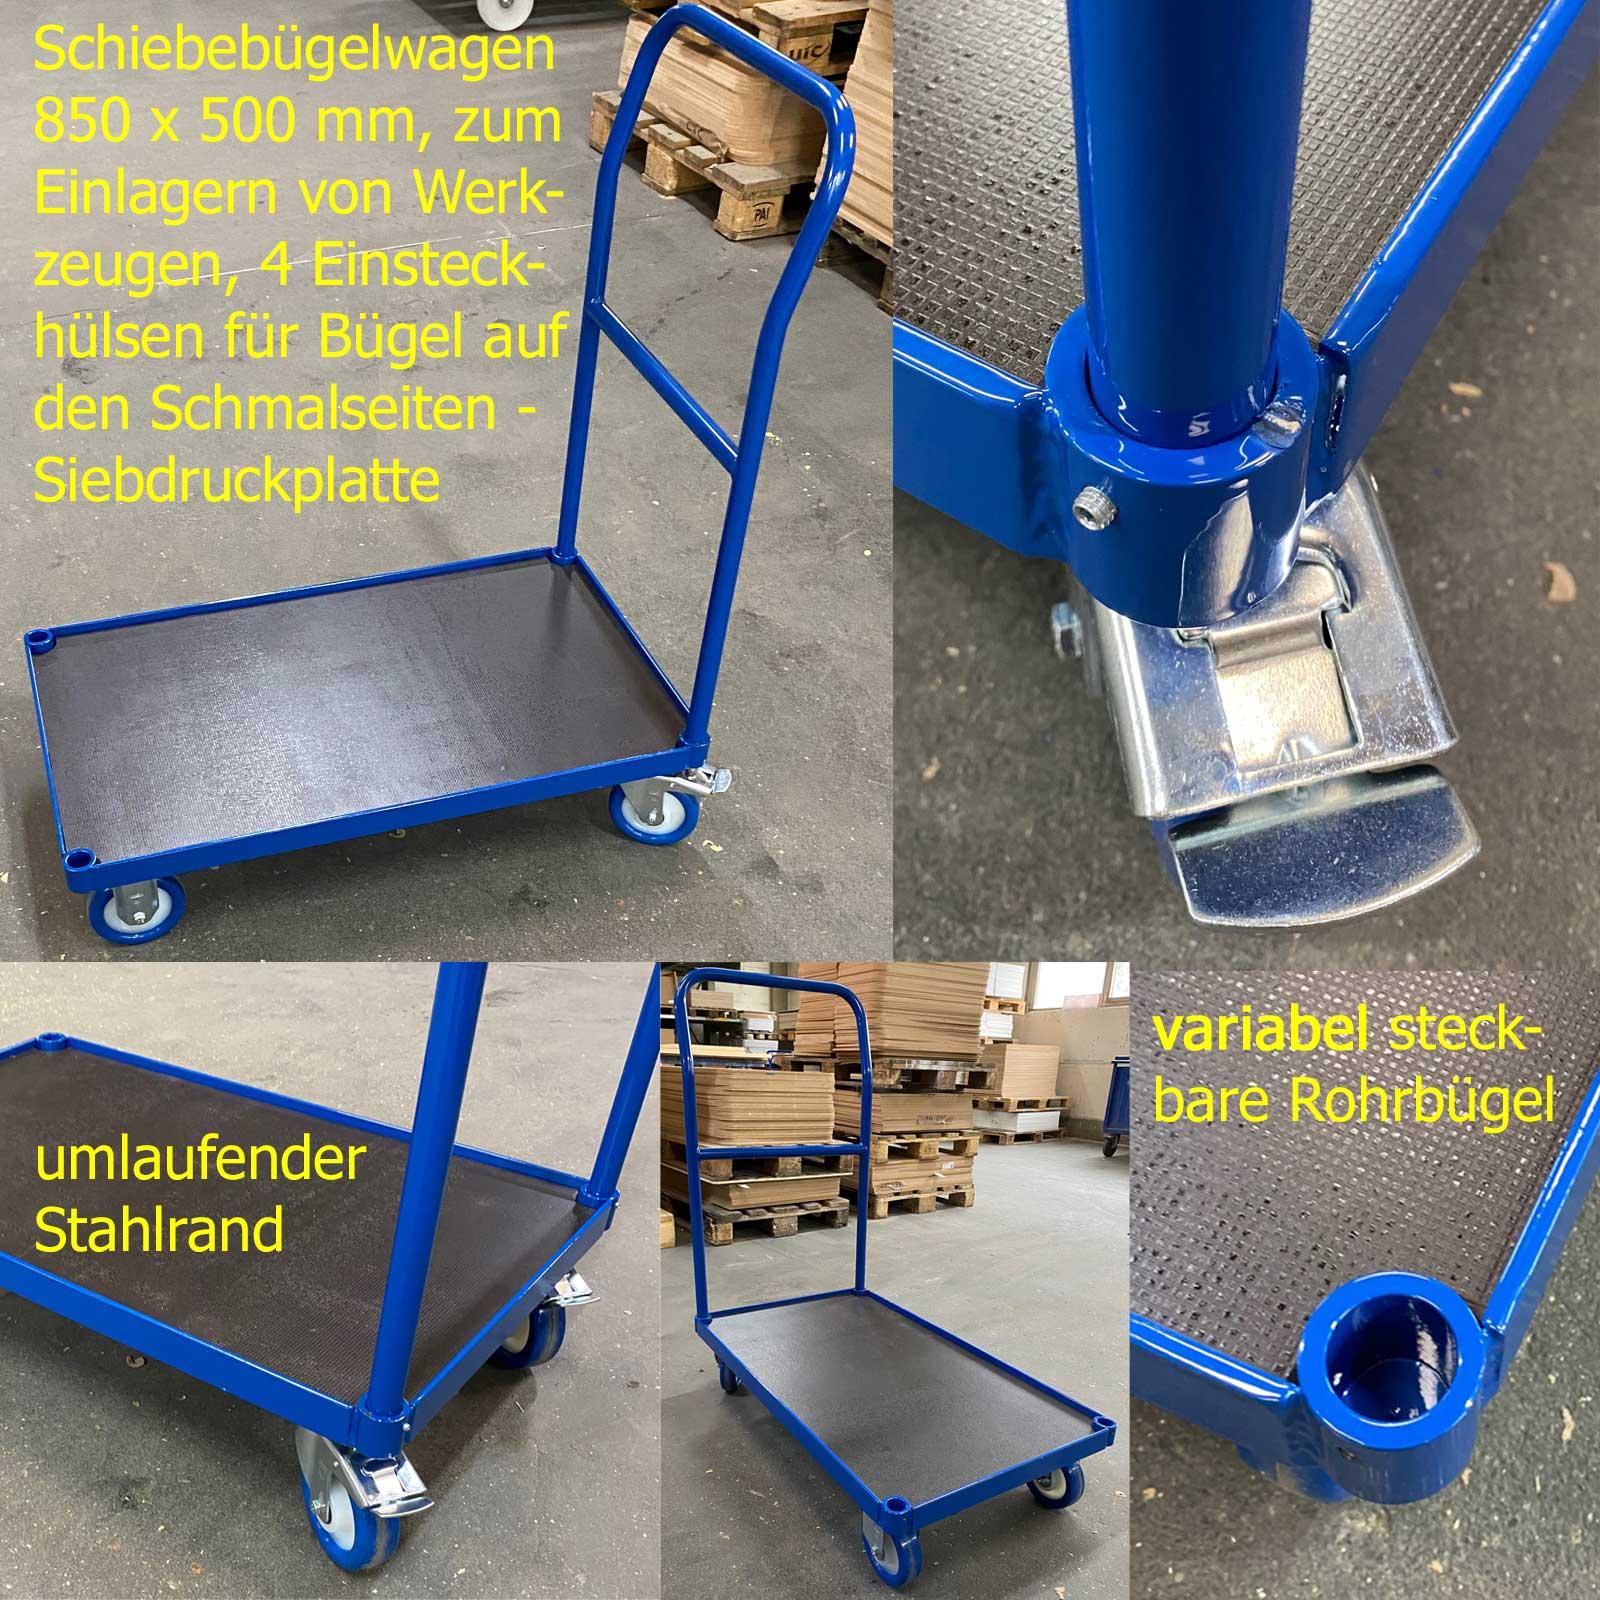 Transportwagen für die Einlagerung von Werkzeugen, 4 Einsteckhülsen ermöglichen das schnelle Platzieren von Rohrschiebebügeln auf beiden Schmalseiten, Siebdruckplatte und leichter Stahlrand